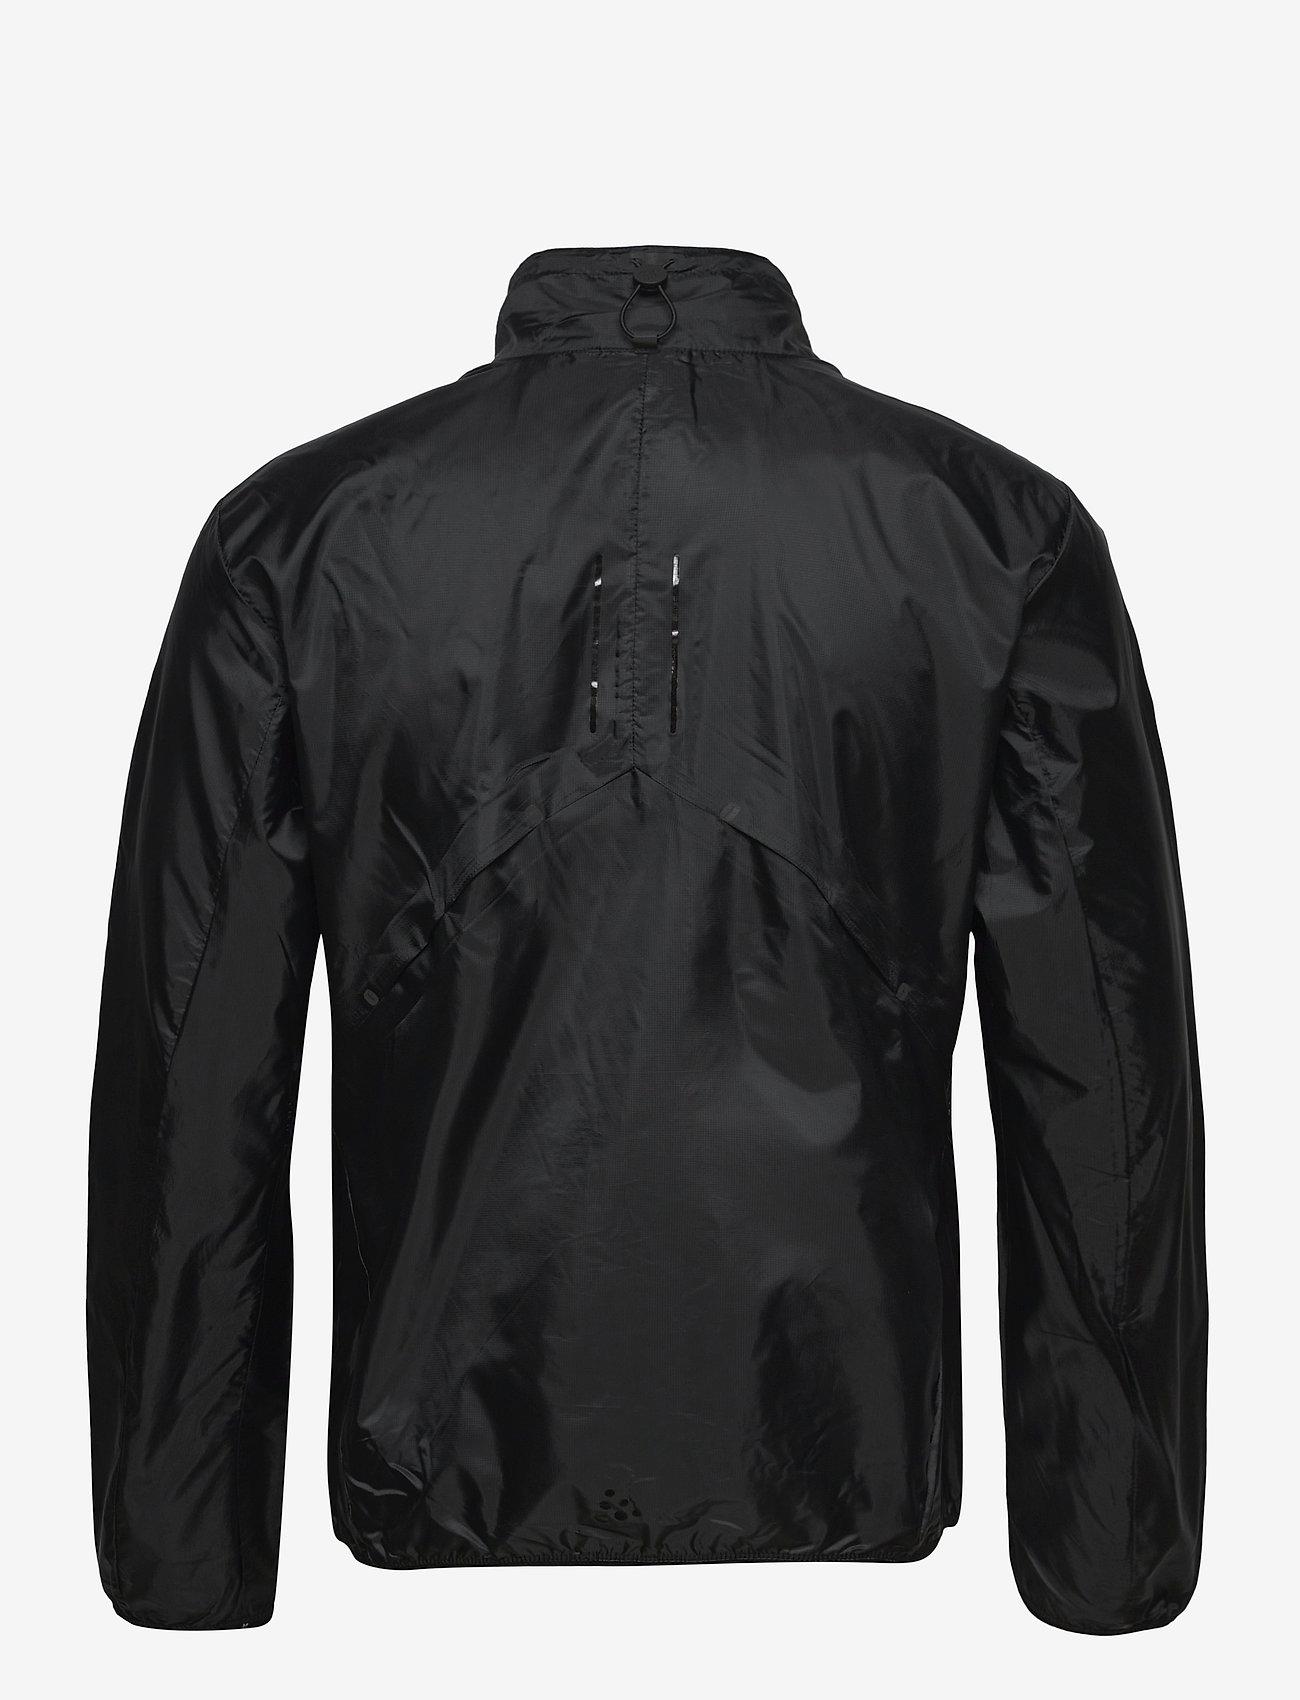 Craft - PRO HYPERVENT JACKET M - sportsjakker - black - 1